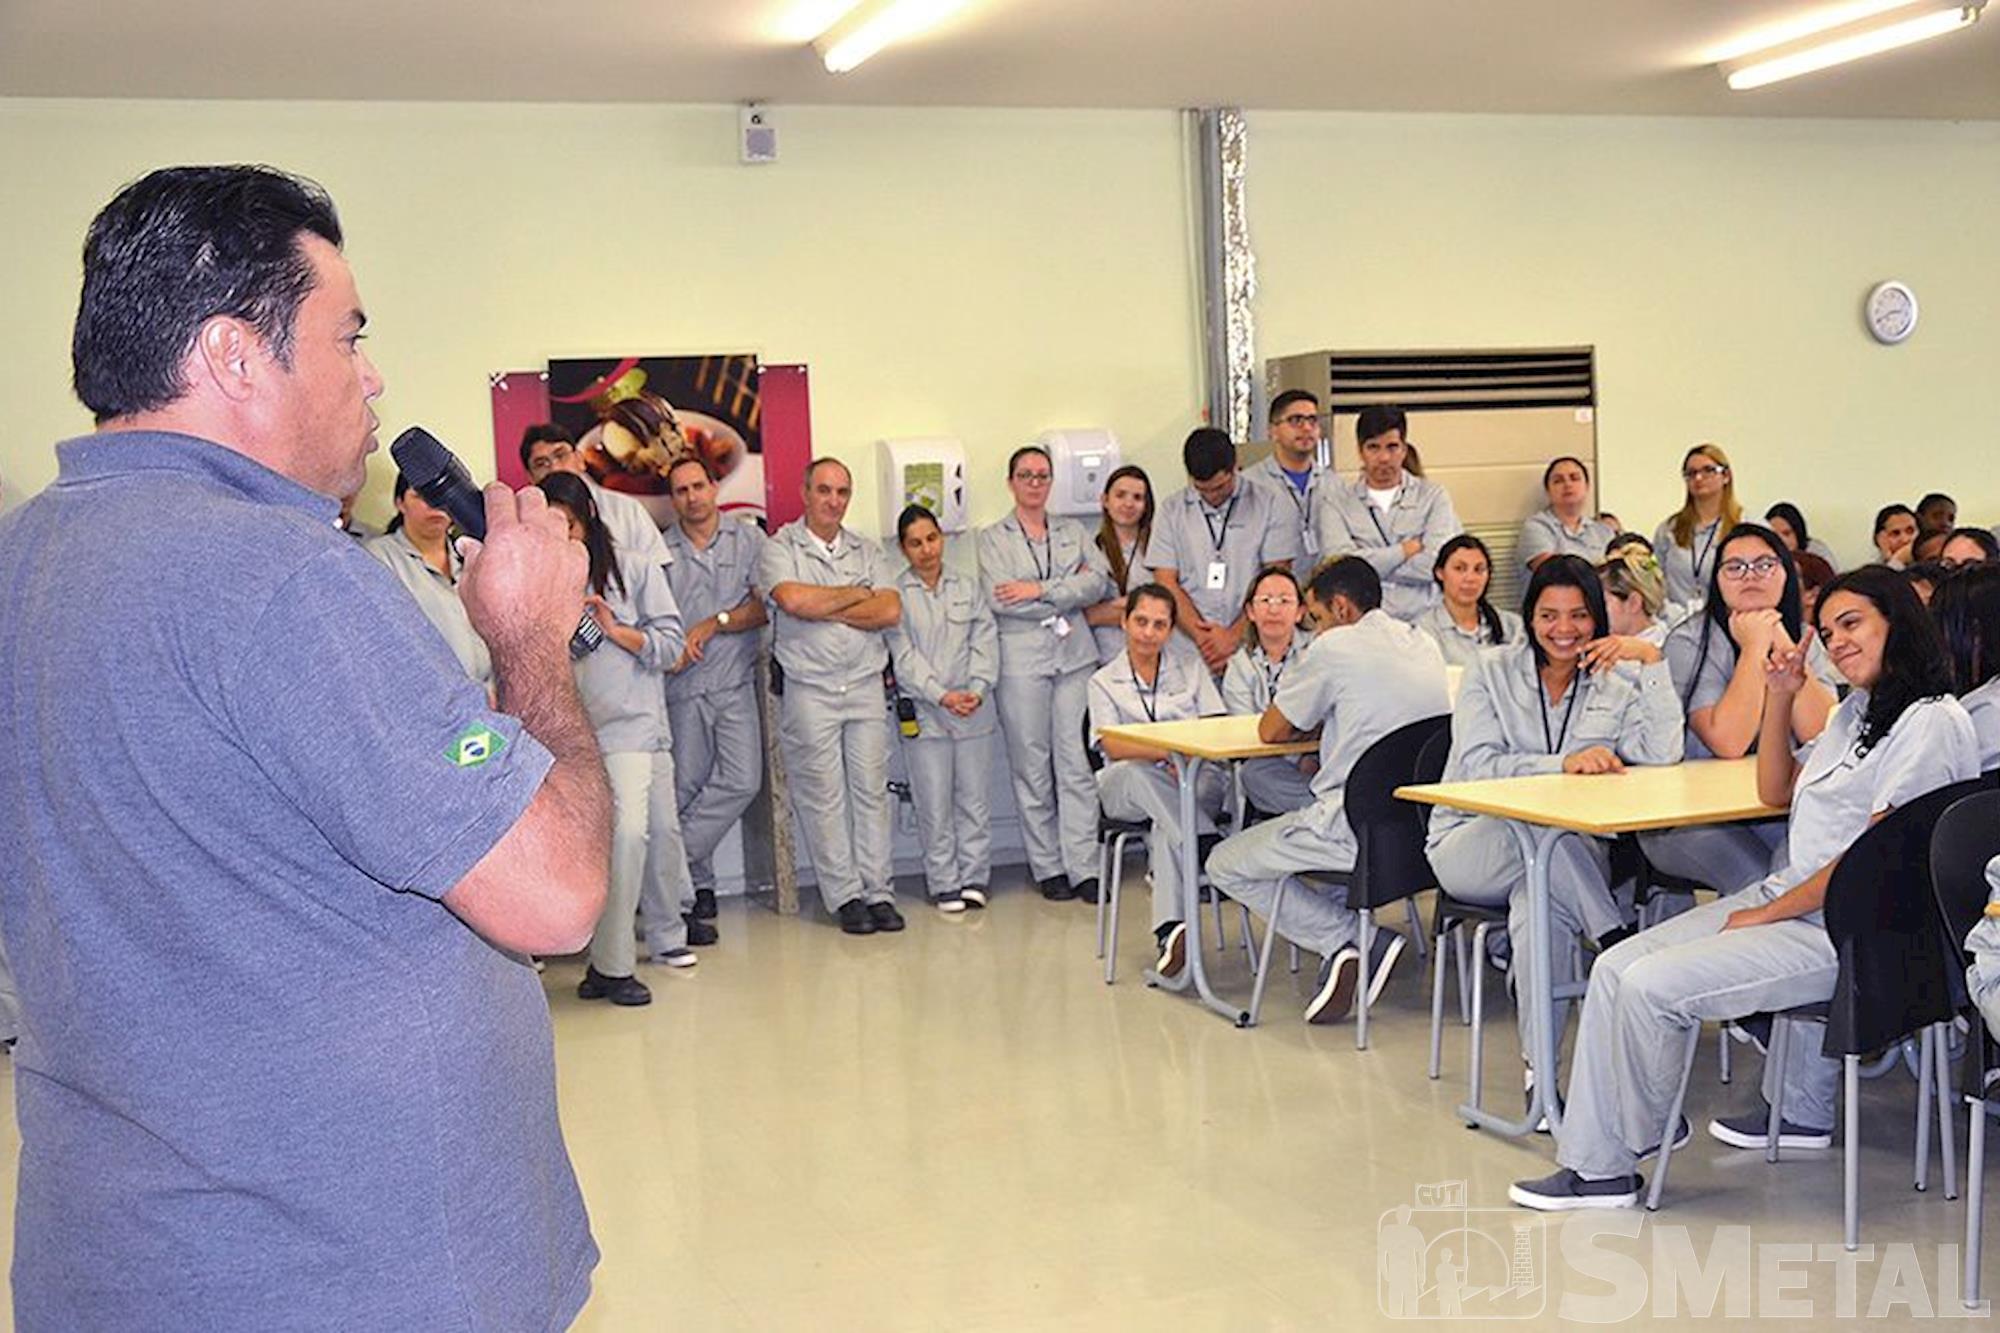 Nipro, campanha,  salarial,  assembleia, Foguinho e Paulo Rogério / Imprensa SMetal, Metalúrgicos se unem em defesa da Convenção